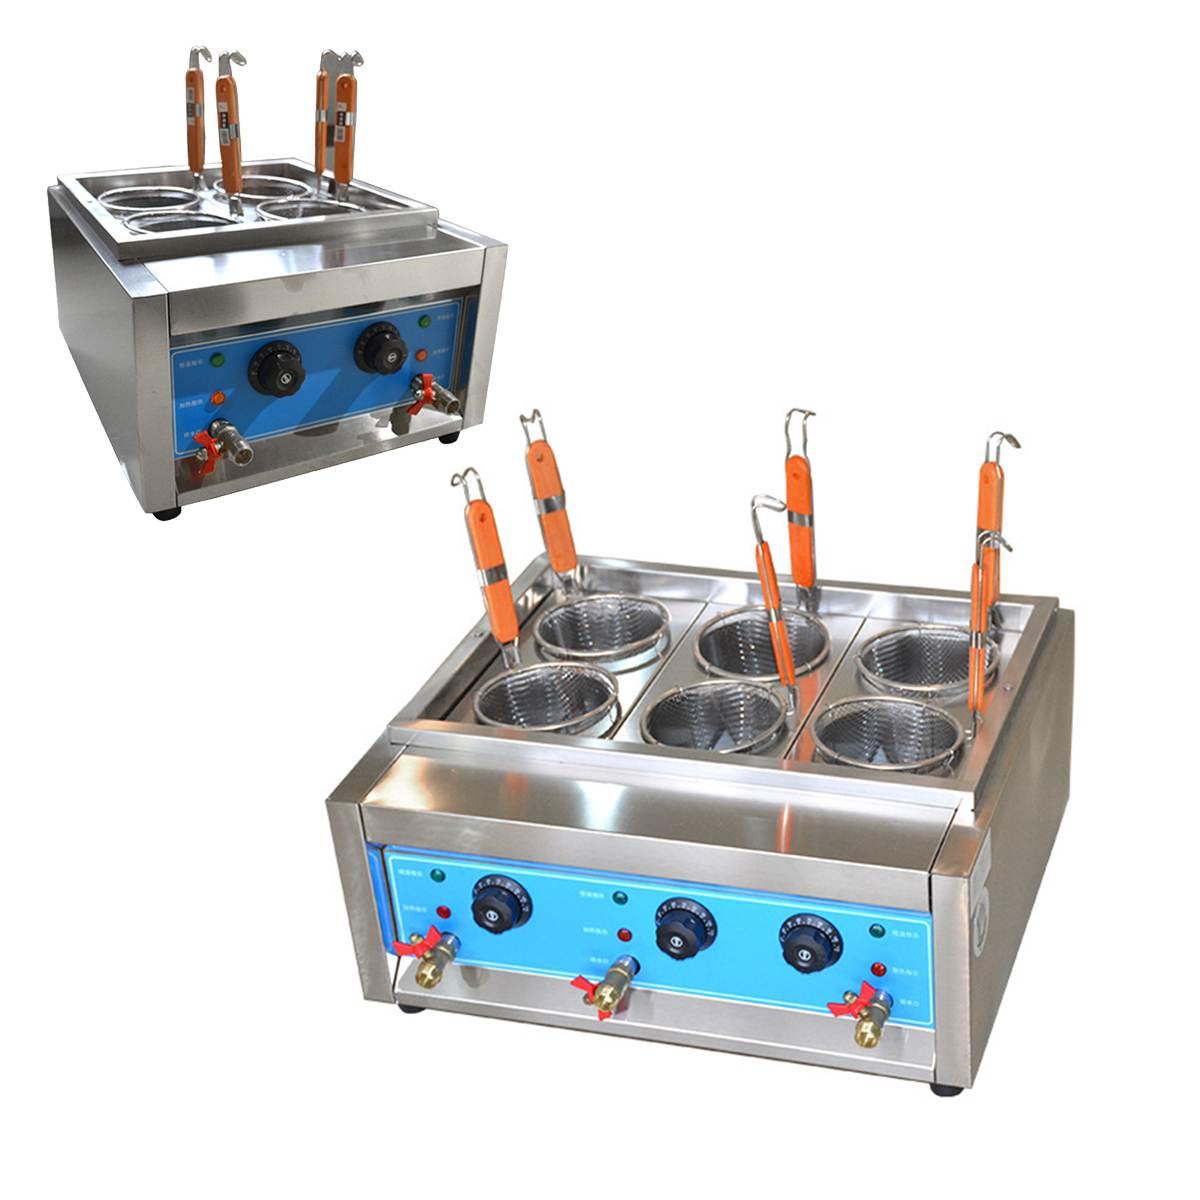 4/6 trous en acier inoxydable pâtes alimentaire cuiseur 220 V Table multifonctionnelle électrique nouilles cuisson poêle chauffage chaudière Machine